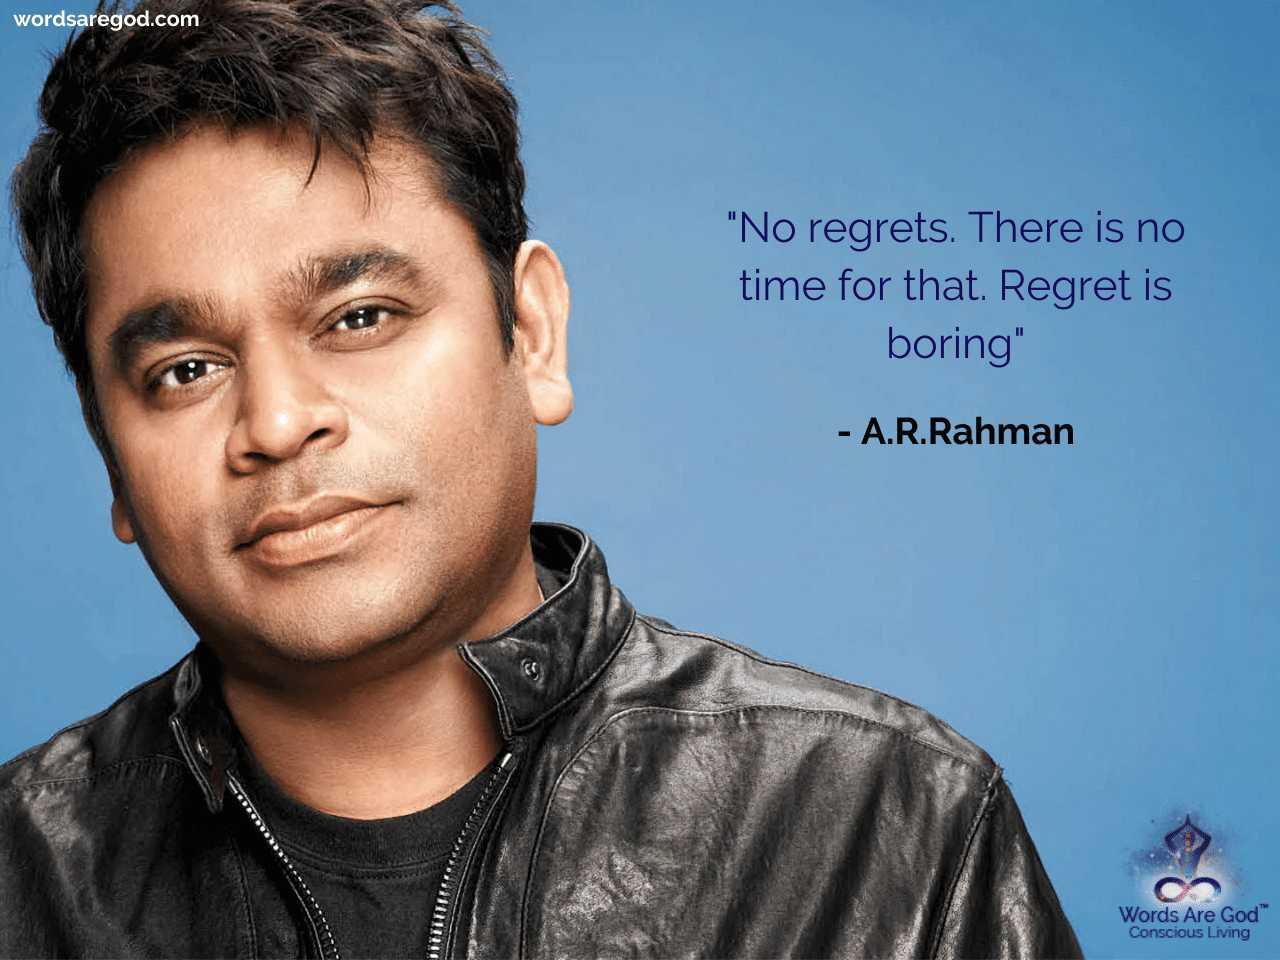 A.R.Rahman Life Quote by A.R.Rahman